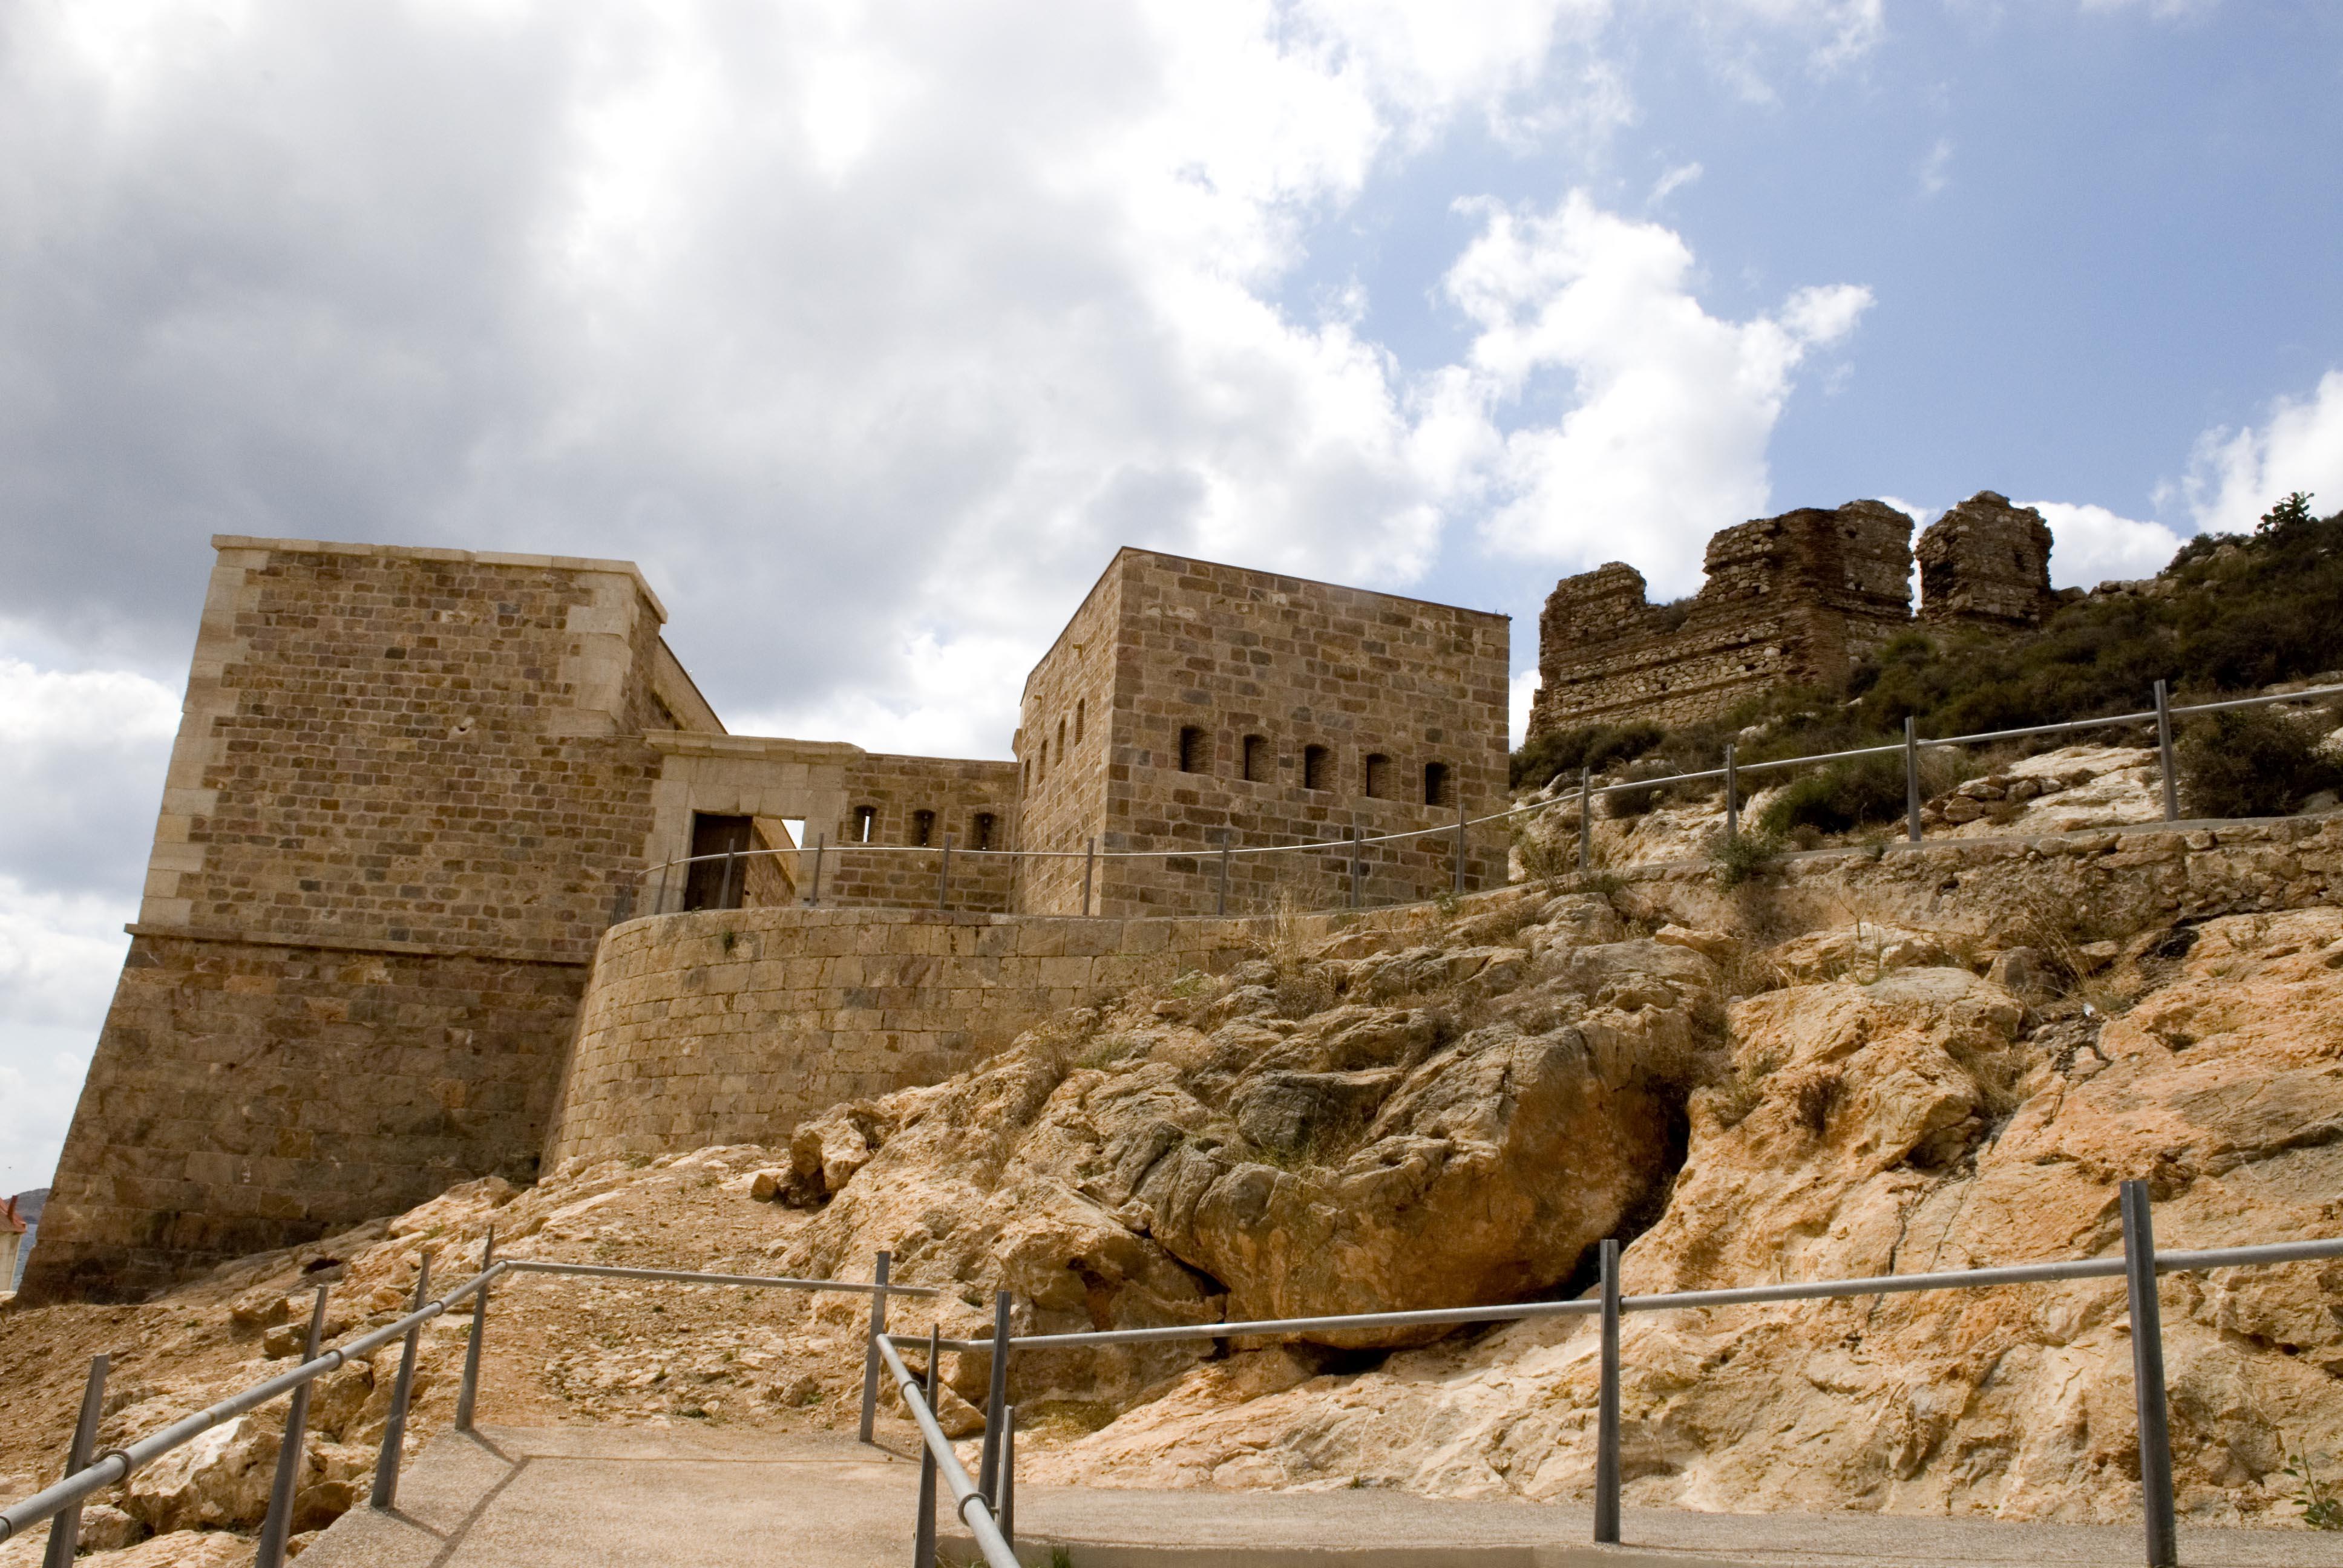 Centro de Interpretación de la Arquitectura Defensiva de Cartagena. Fuerte de Navidad